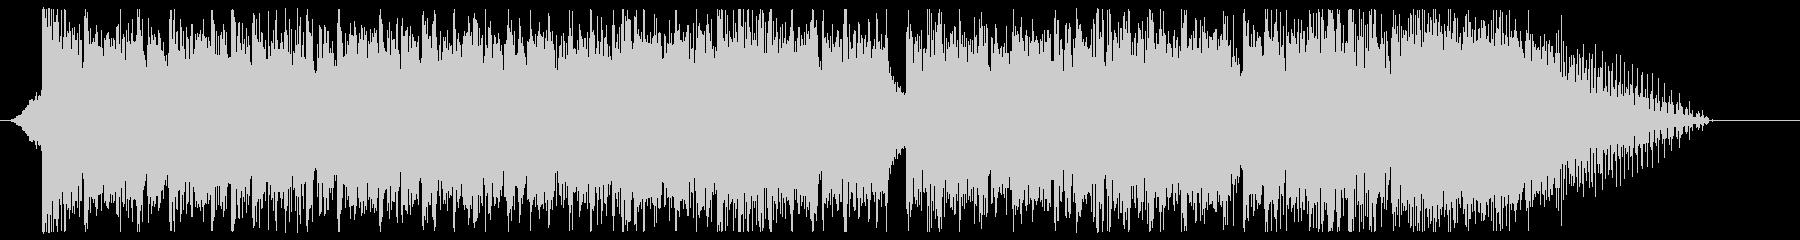 デジタルなエピックロックのサウンドロゴの未再生の波形